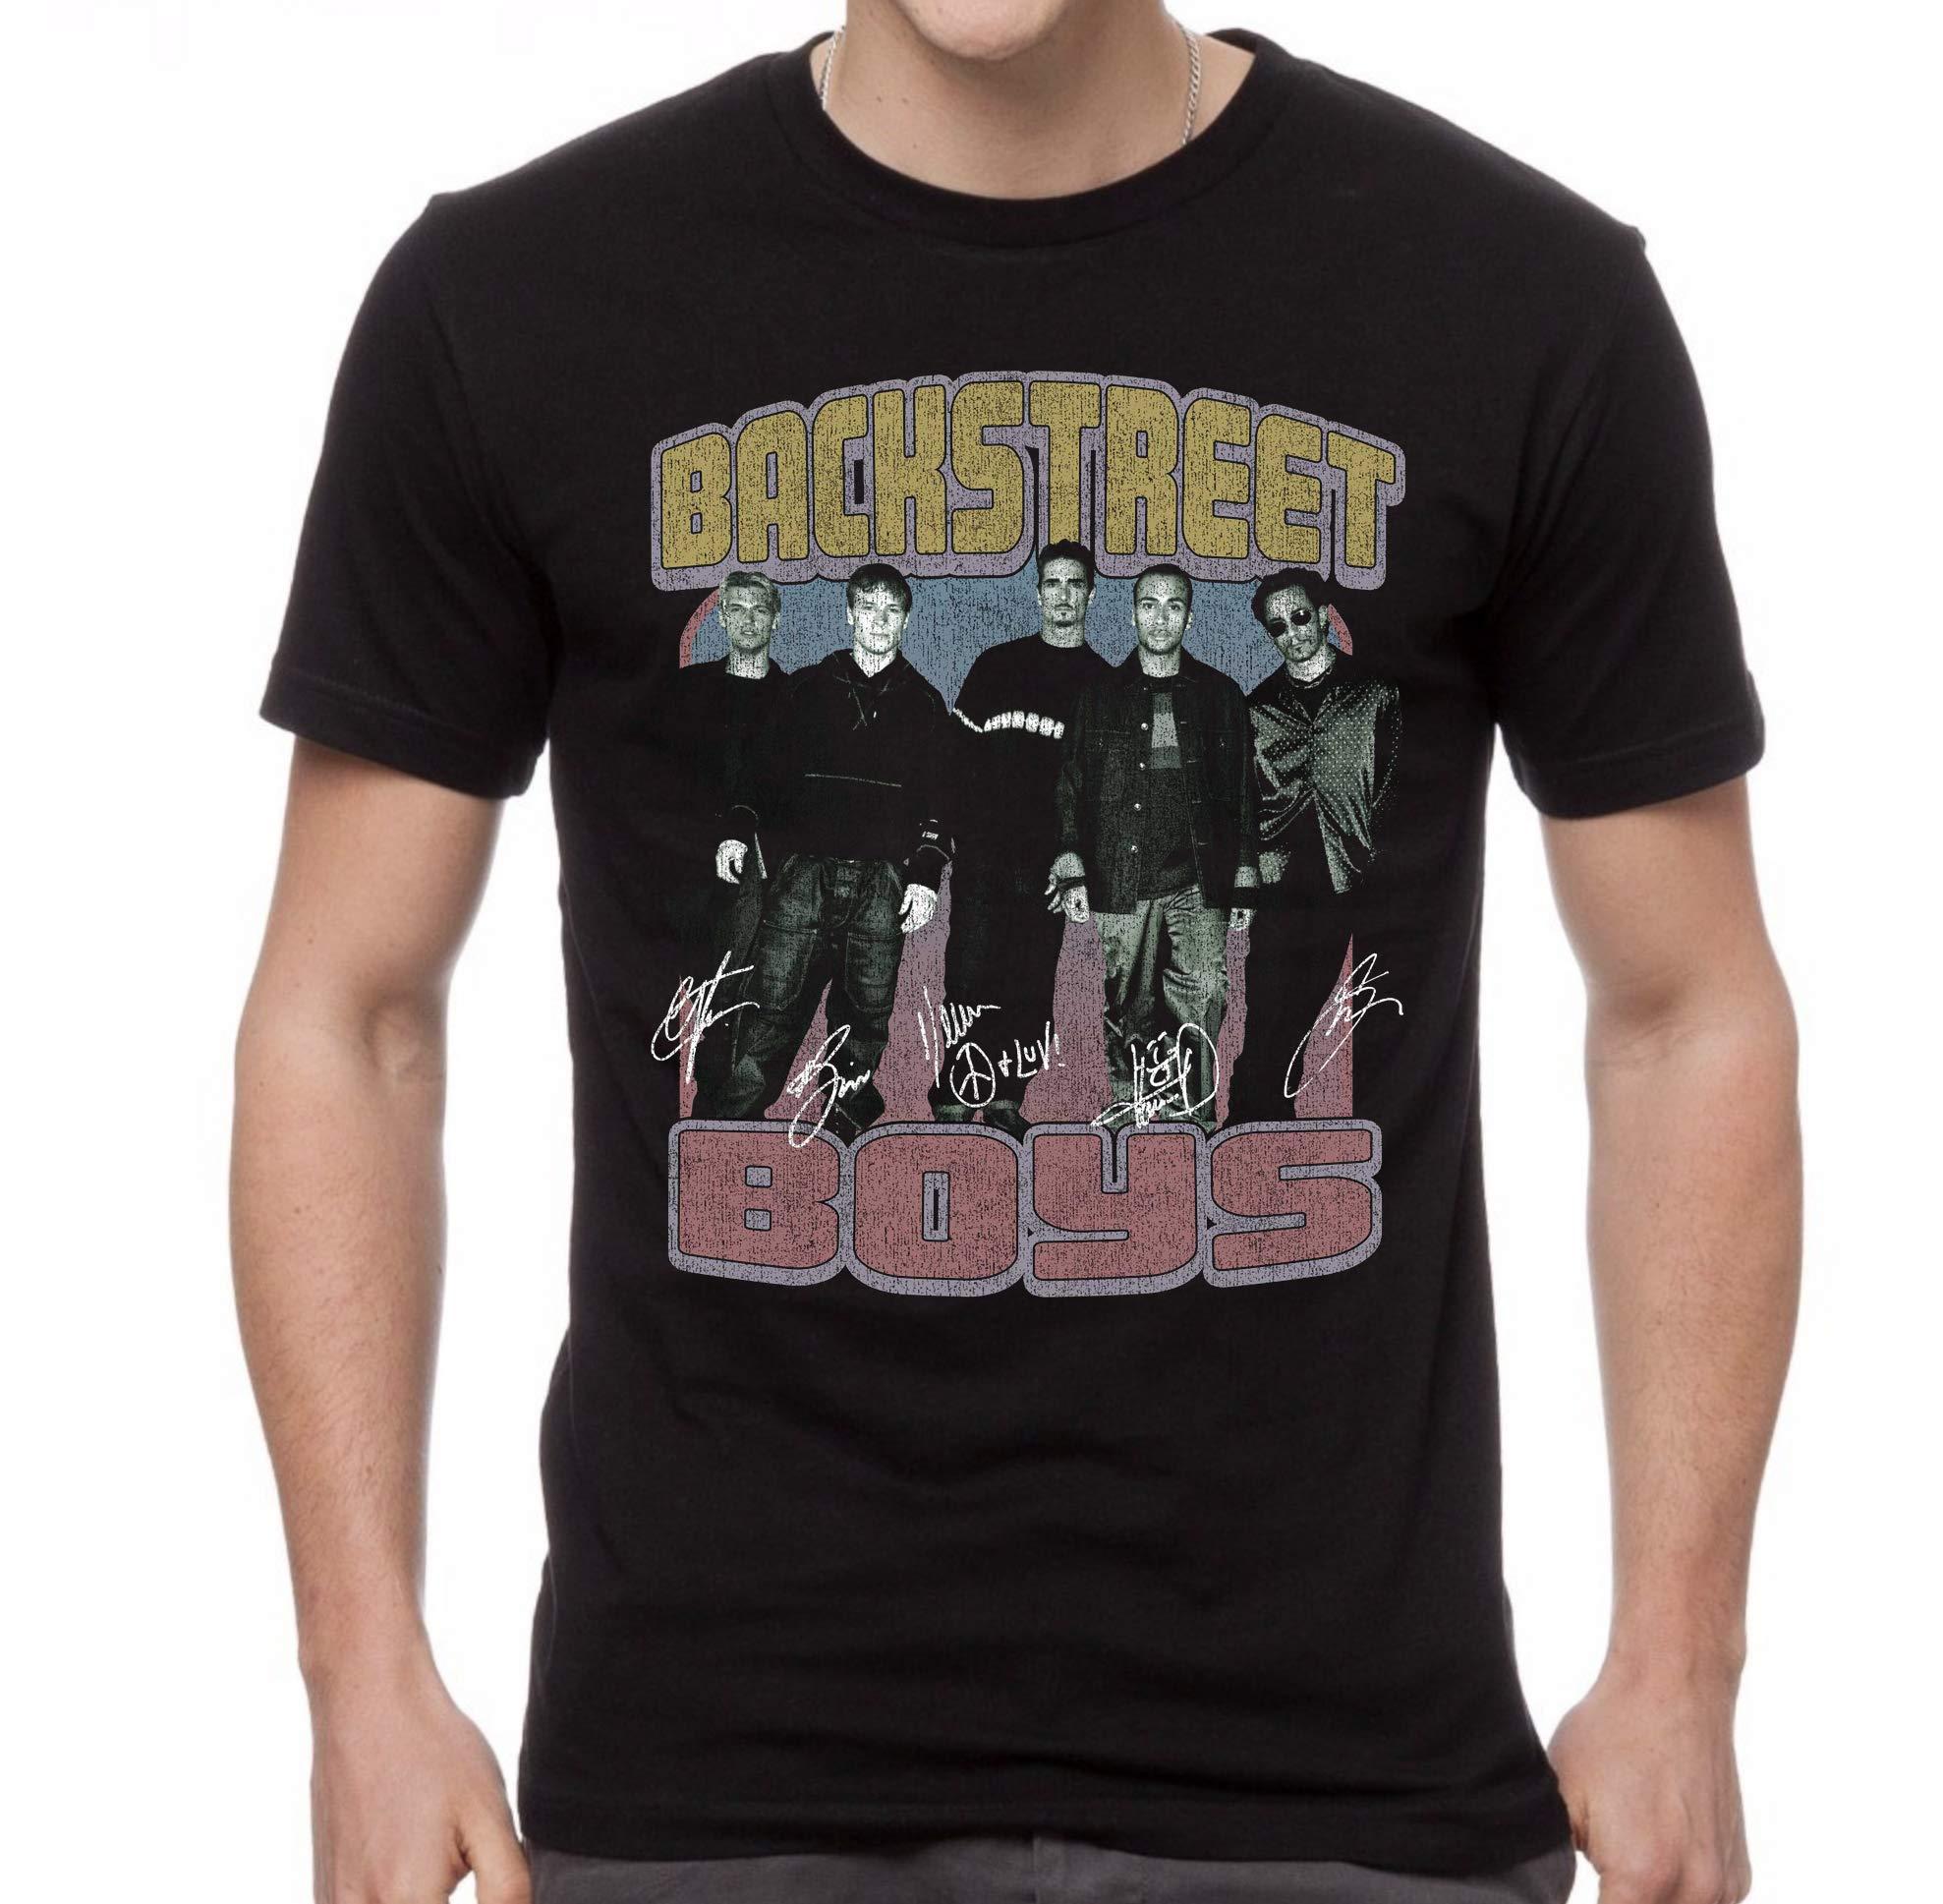 Backstreet Signature Vintage Photo Distressed Print Adult T Shirt 2106